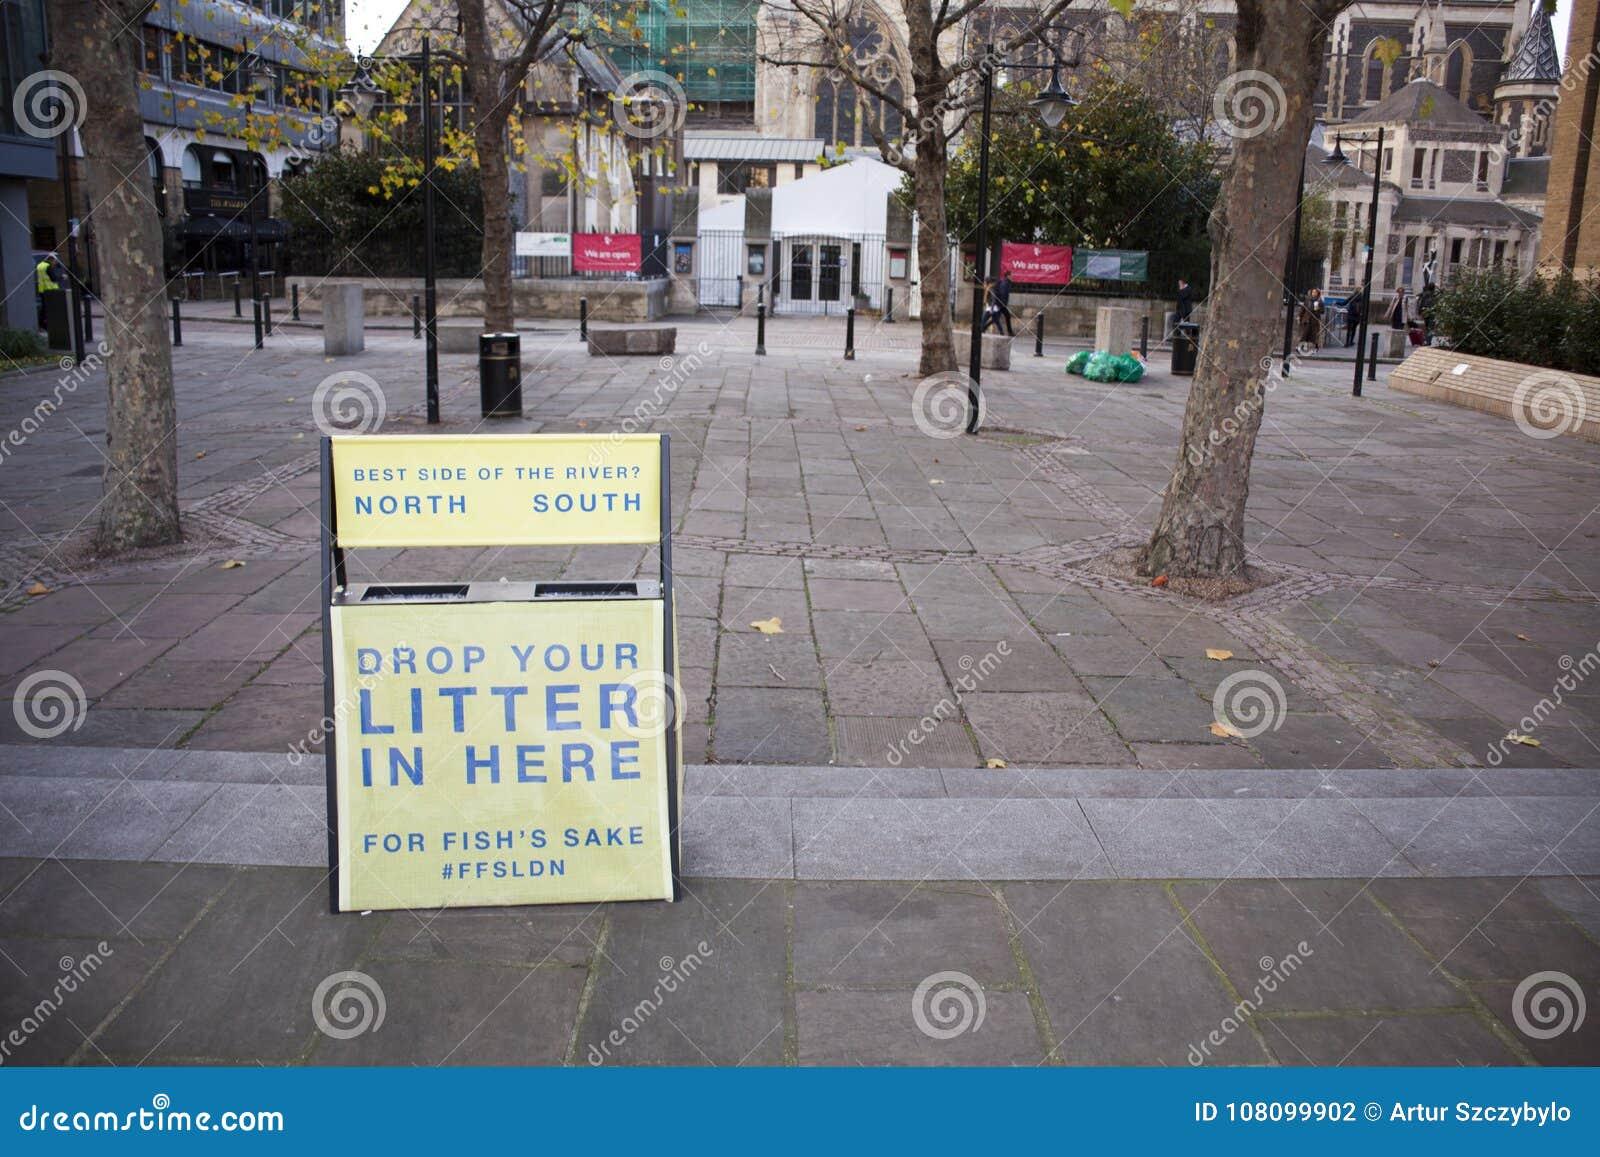 Κρατήστε καθαρός παρακαλώ ρίχνει απόρριμά σας εδώ στο Λονδίνο, Ηνωμένο Βασίλειο